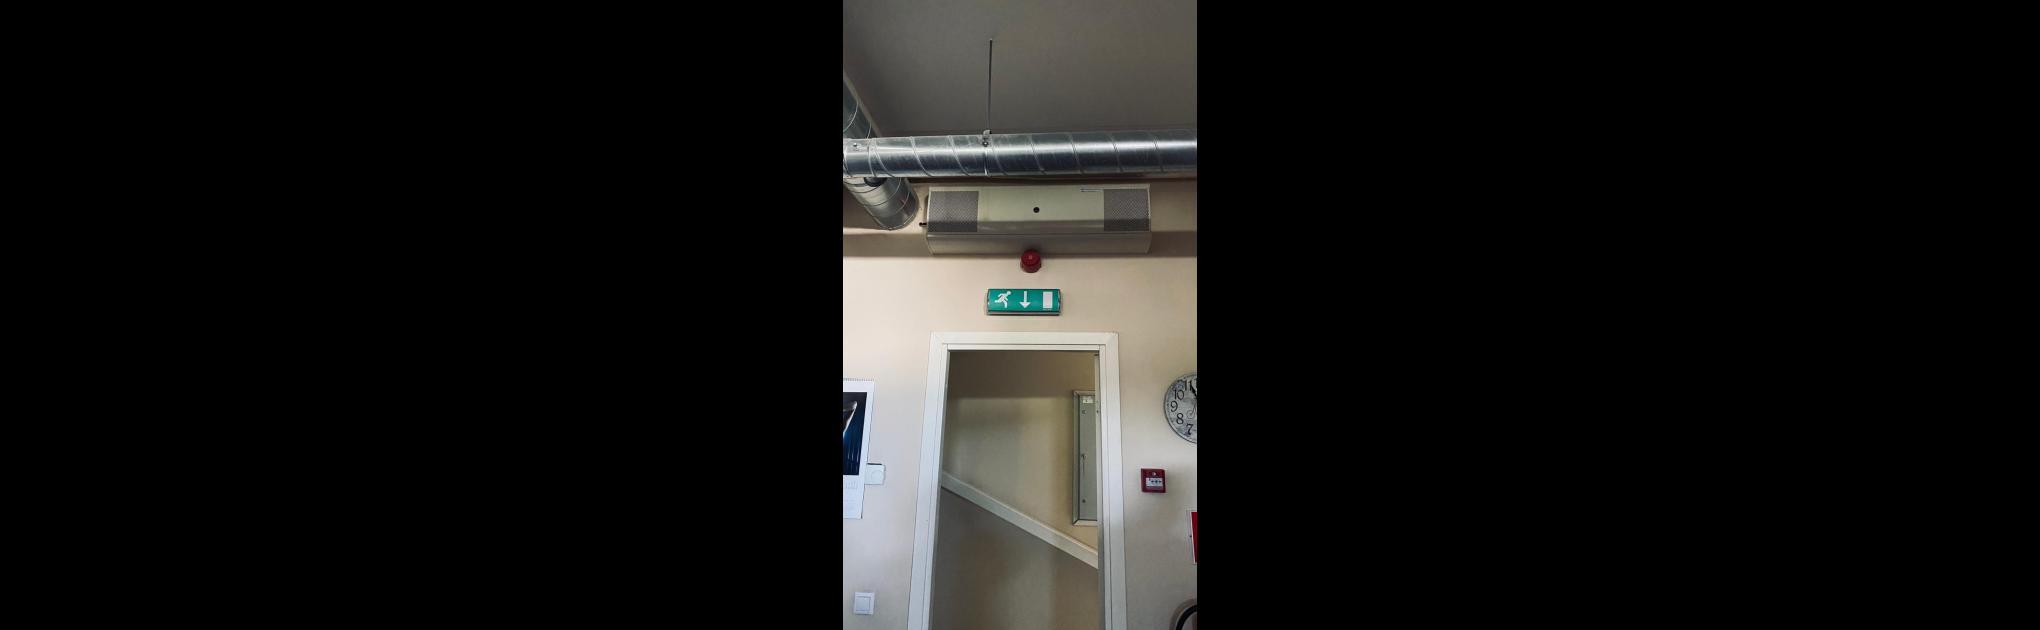 UV-FAN kontoris